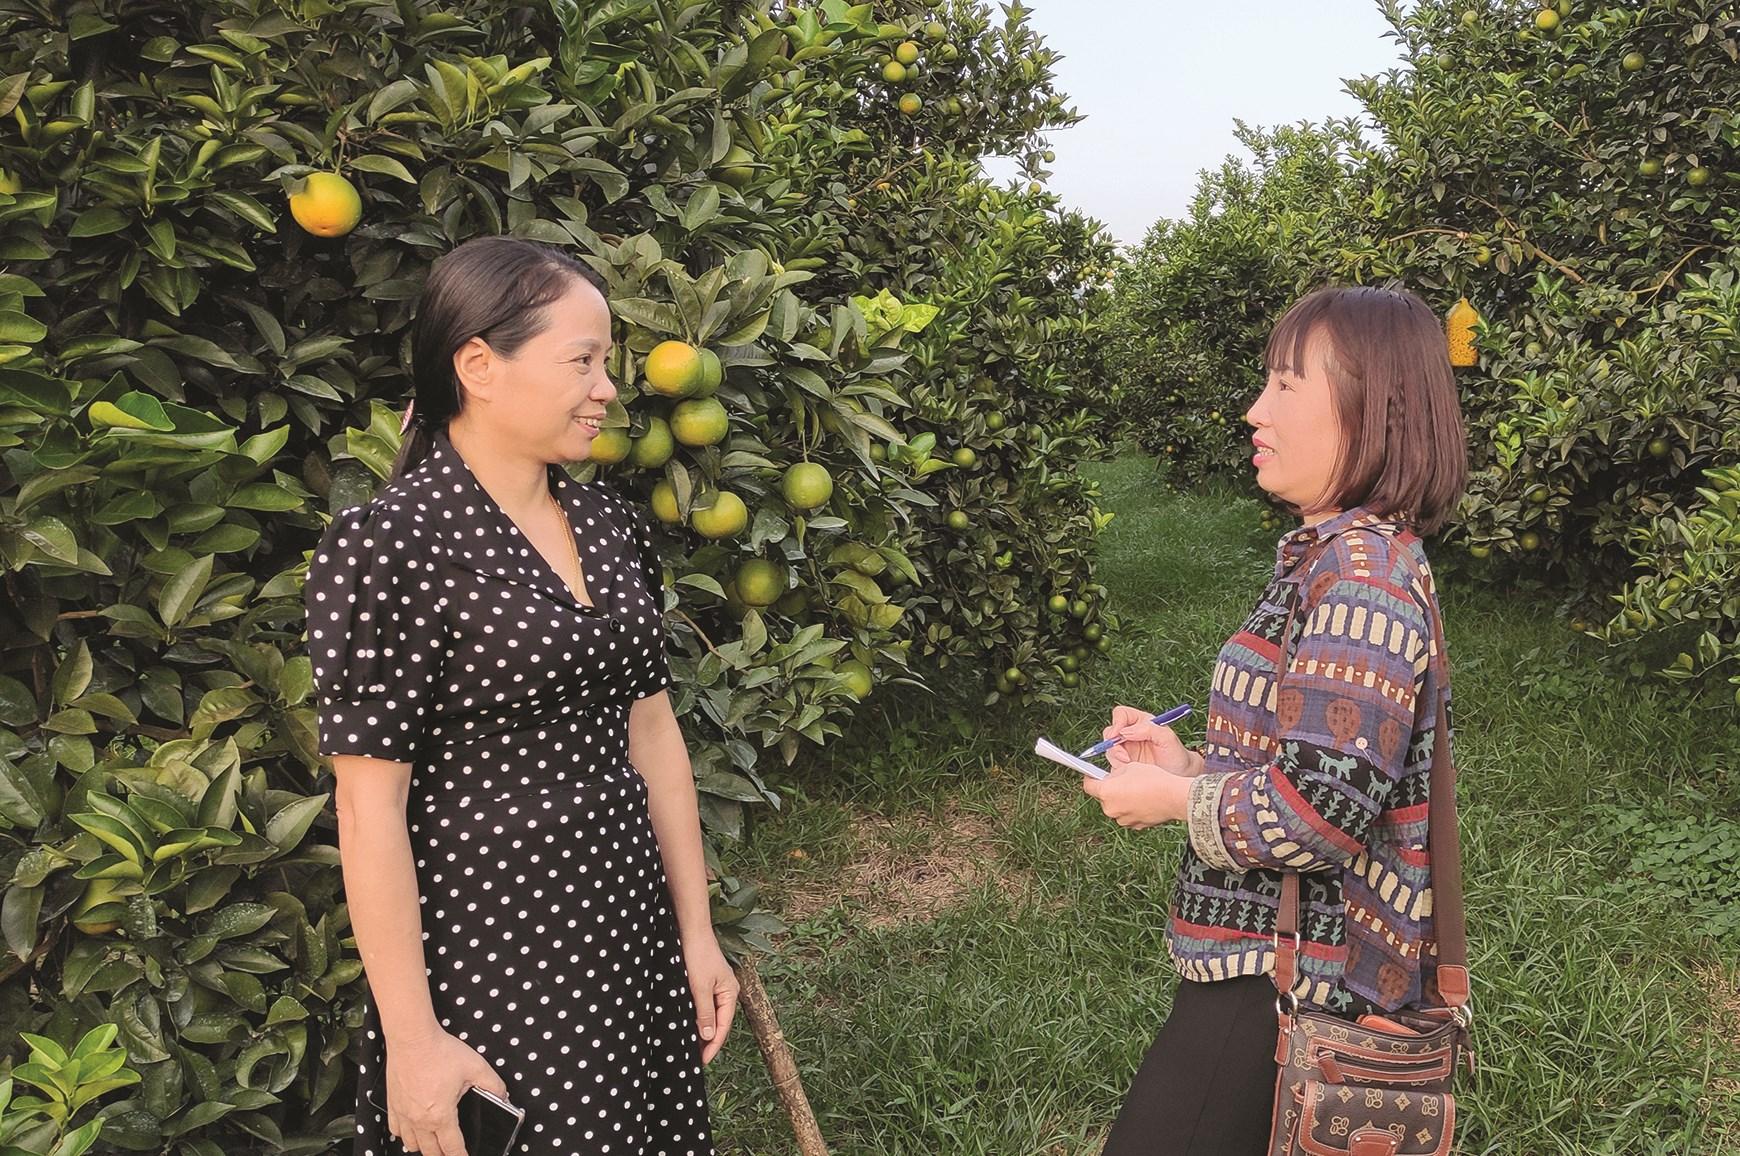 Bà Bùi Thị Mười chia sẻ với phóng viên Báo Dân tộc và Phát triển về công tác giảm nghèo ở địa phương.